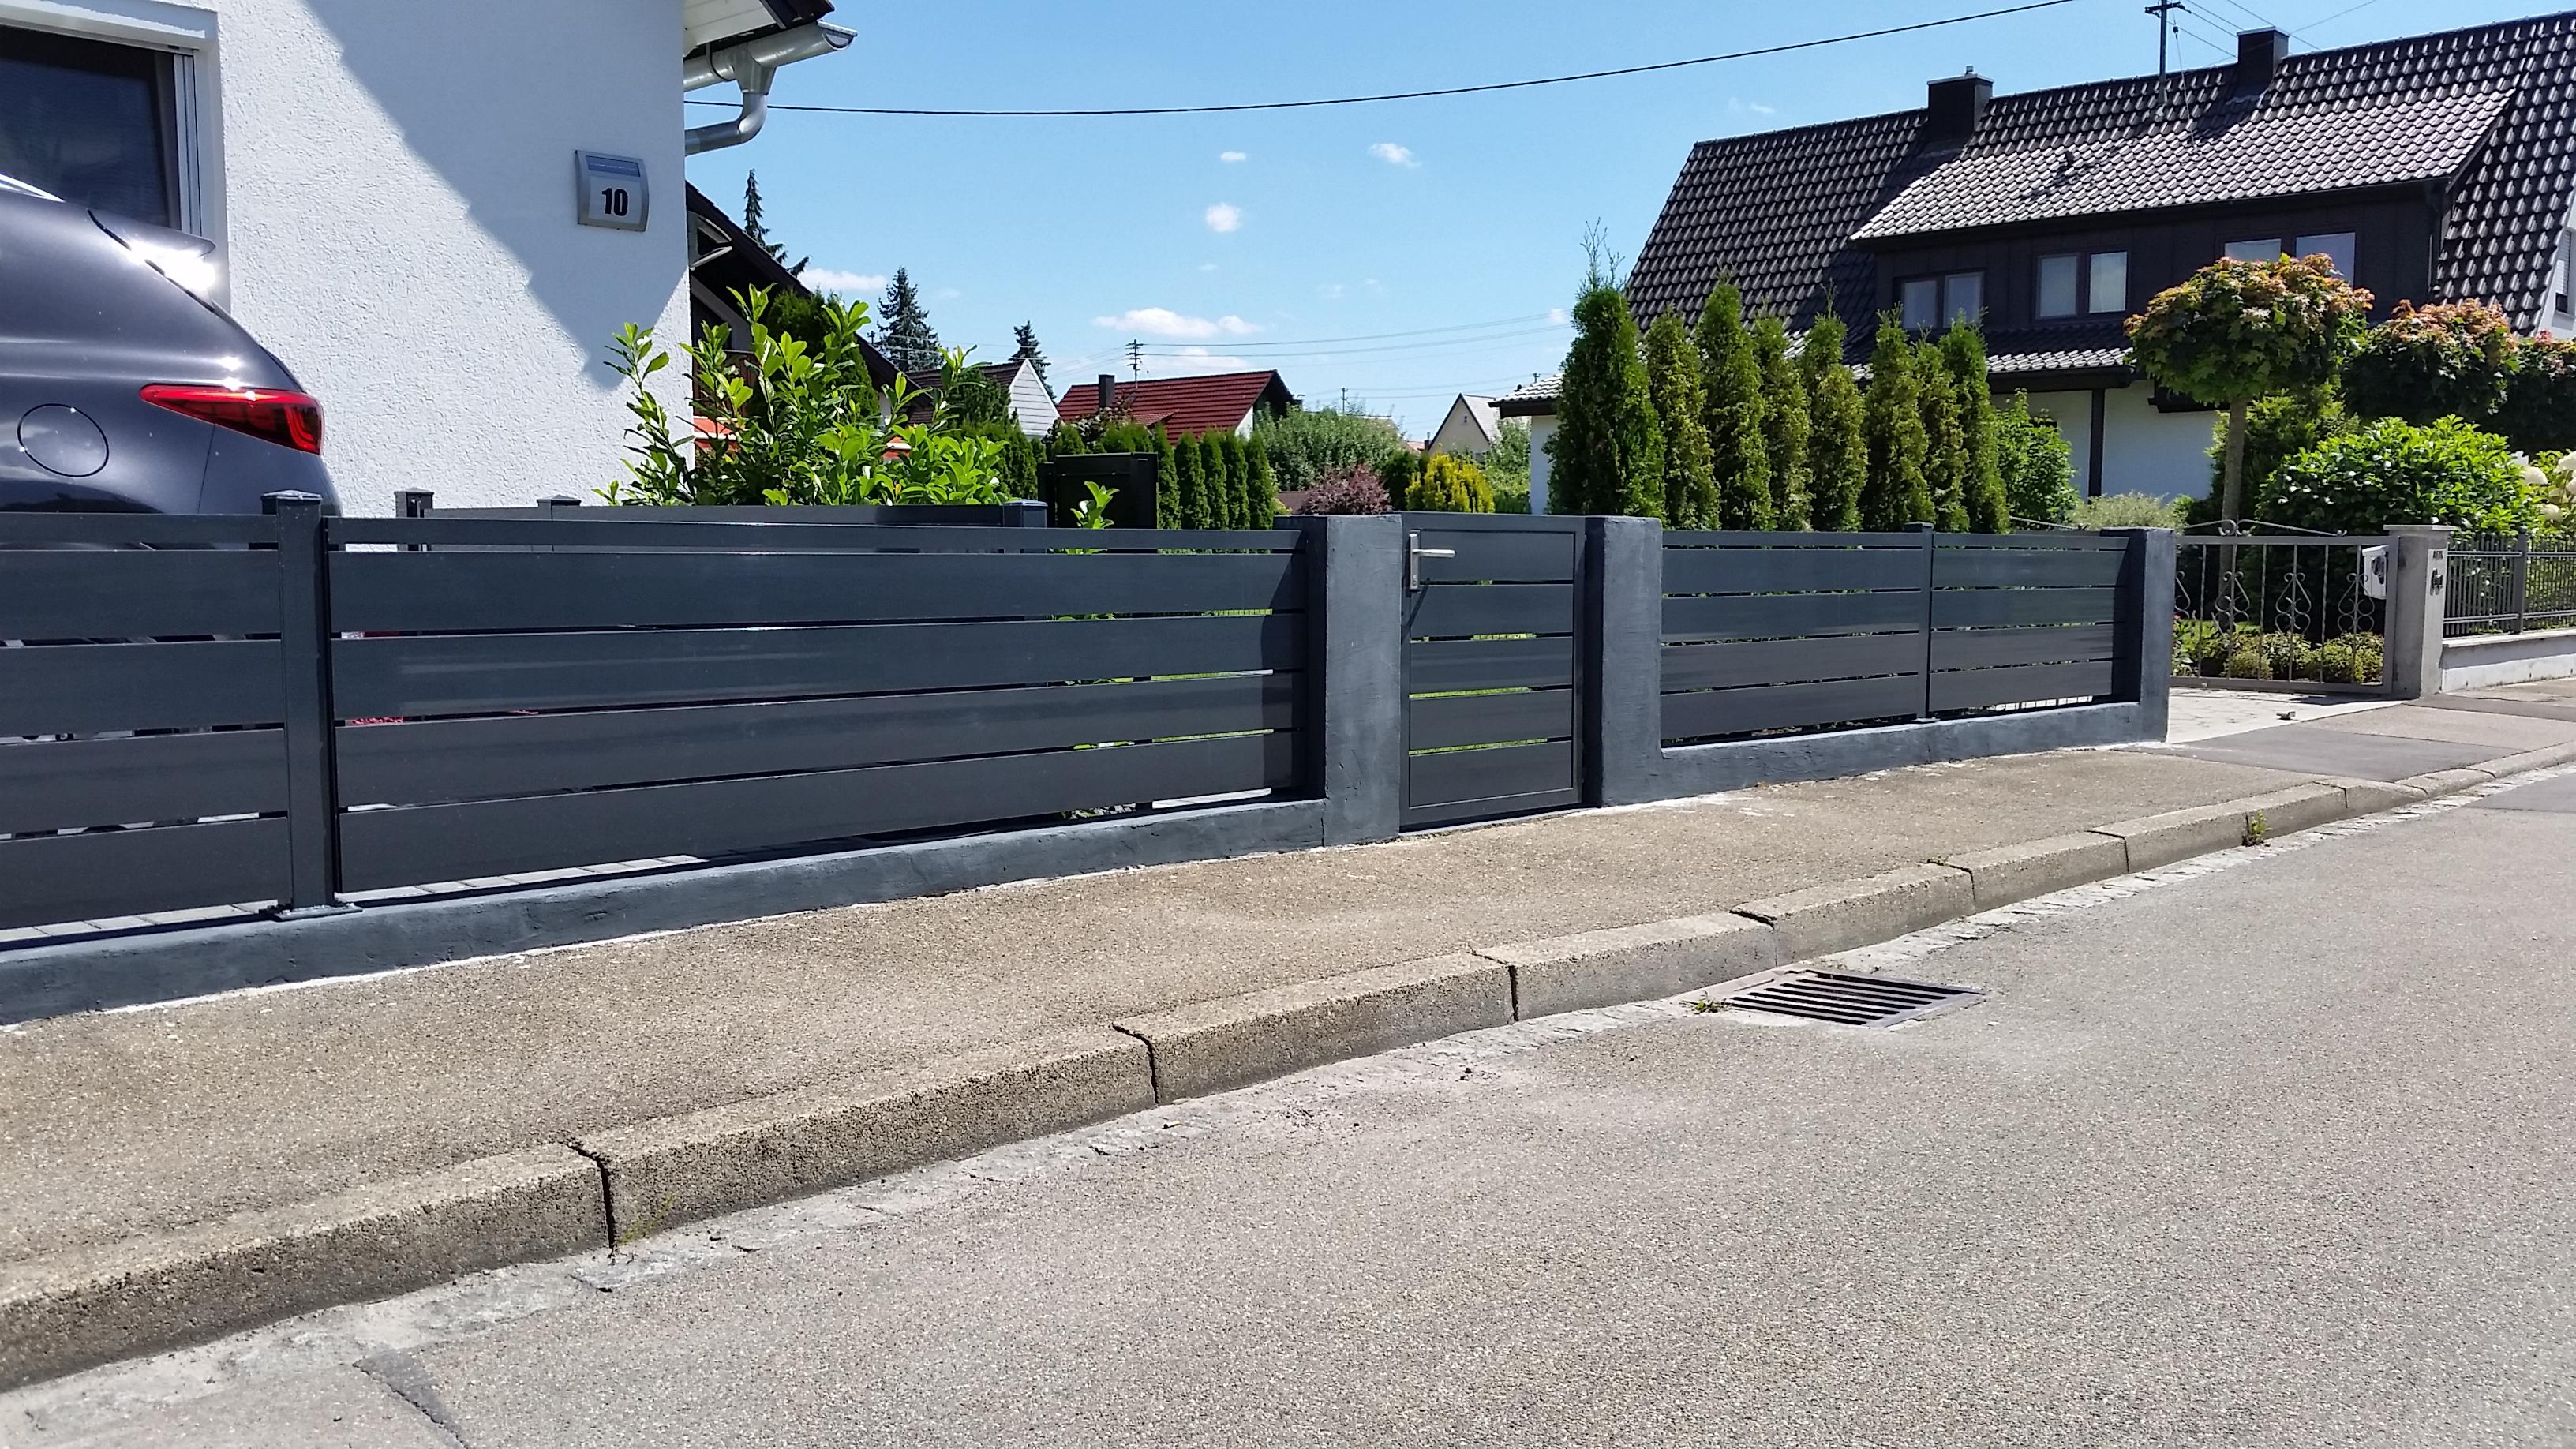 Sichtschutz mit Tür und Zaunfelder